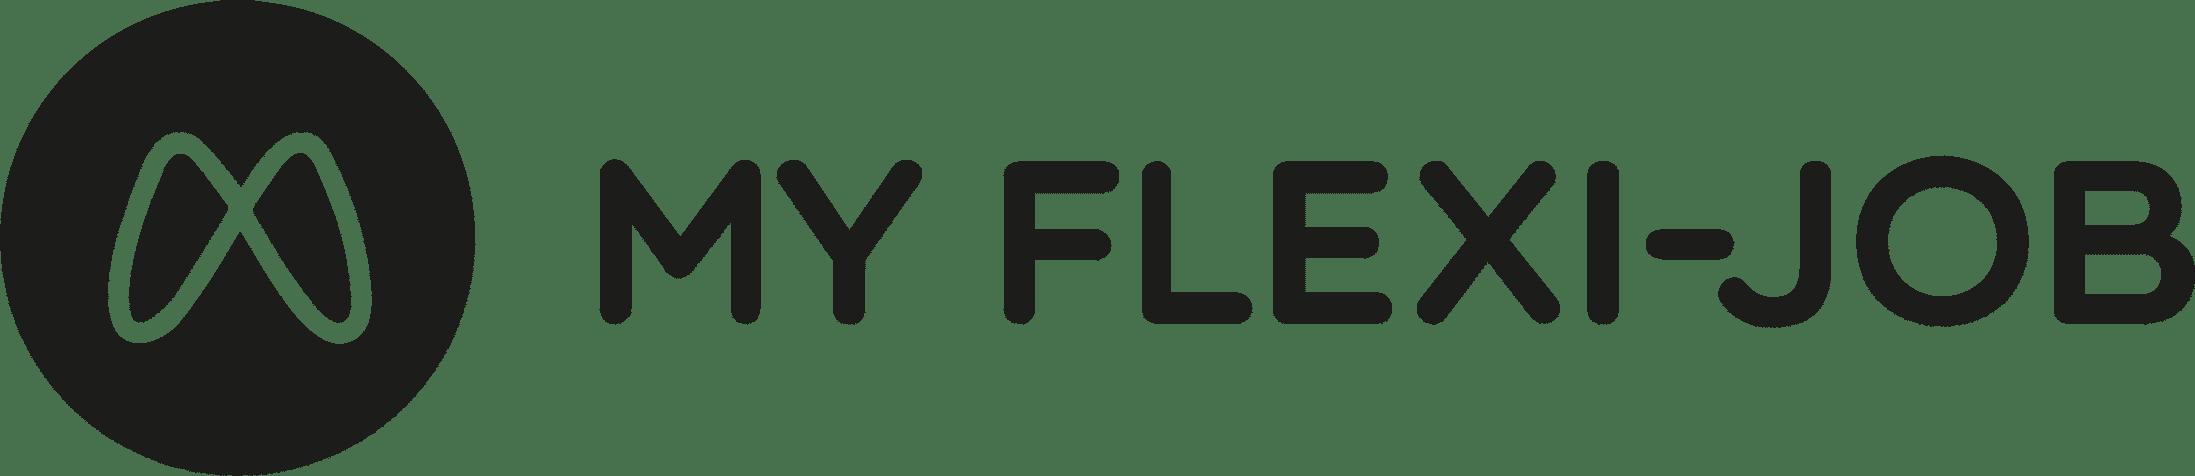 My Flexi-Job